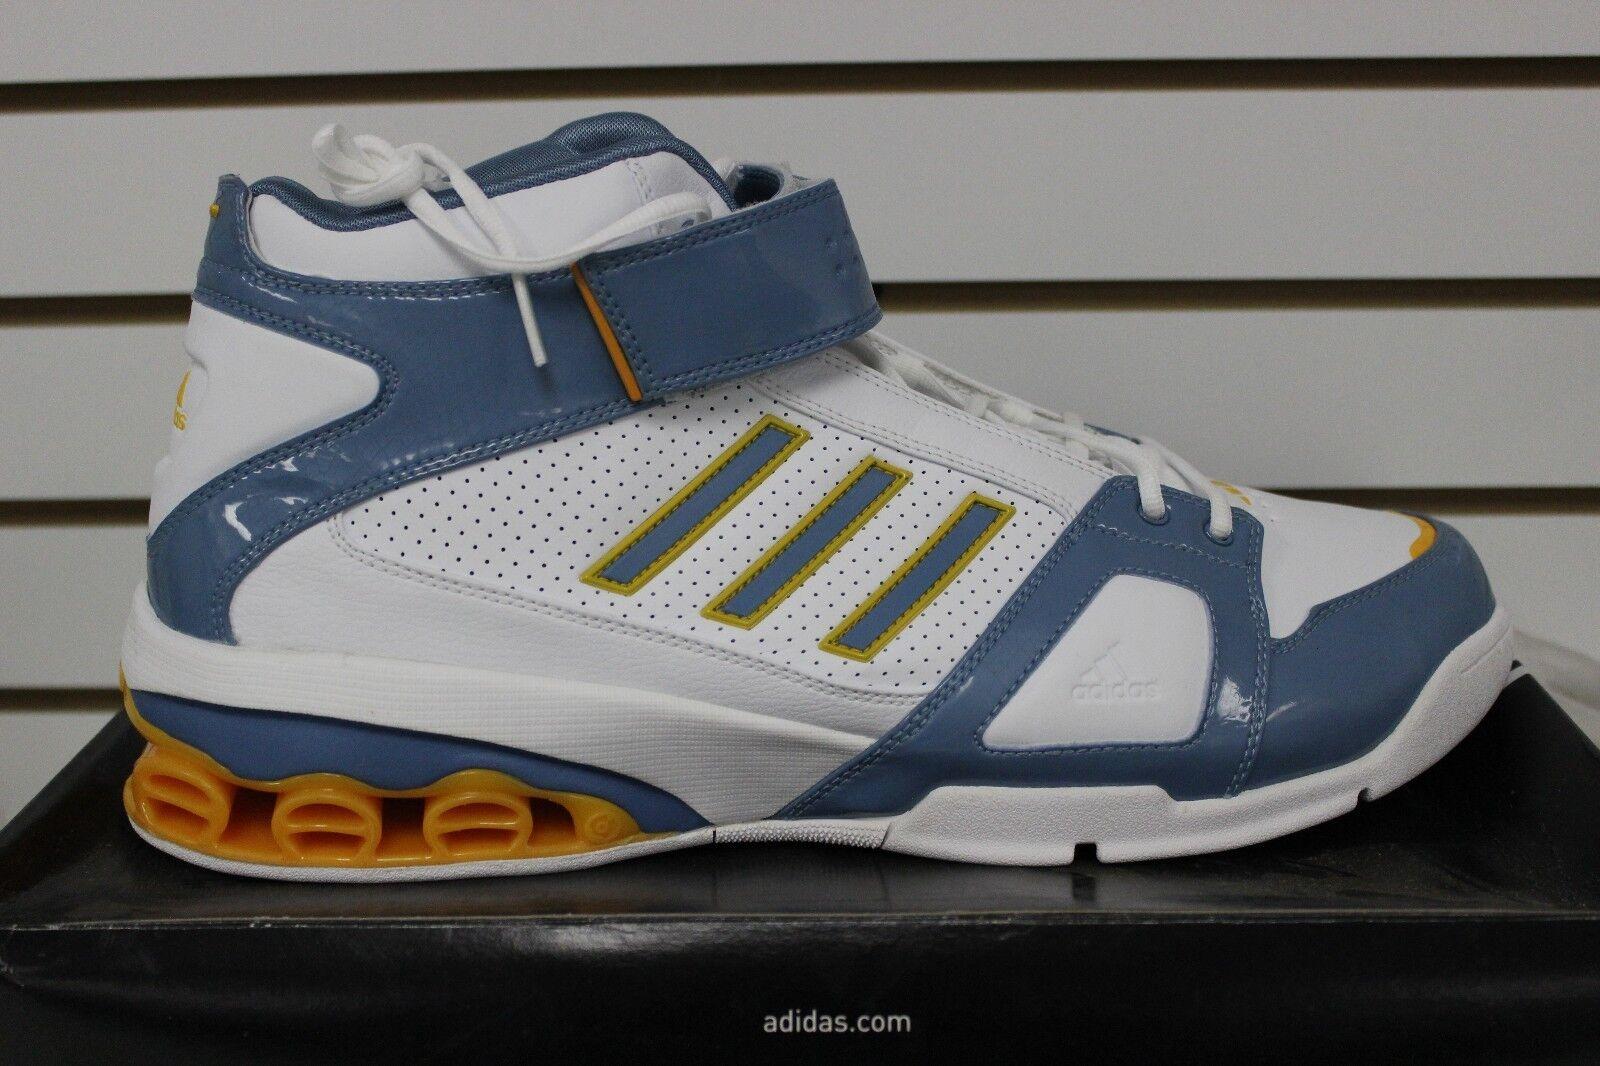 männer adidas ast nba j-smoov / josh smith basketball weiß / j-smoov blau / gold 667508 93b60a